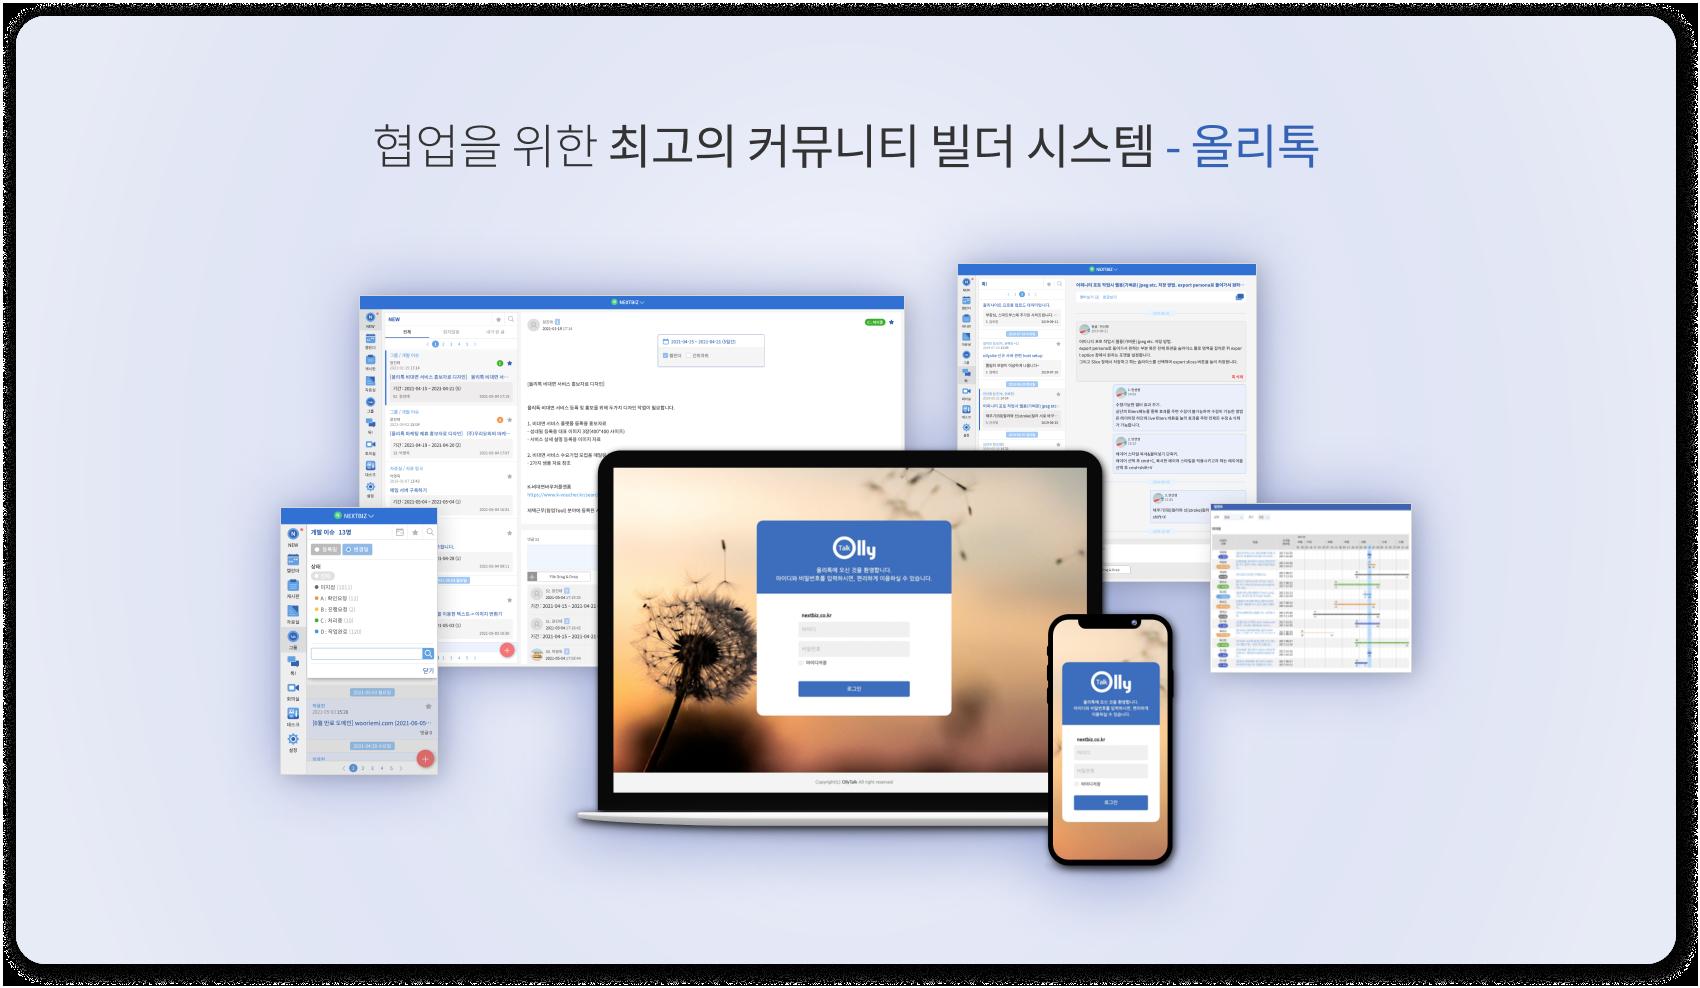 협업을 위한 최고의 커뮤니티 빌더 시스템 - 올리톡